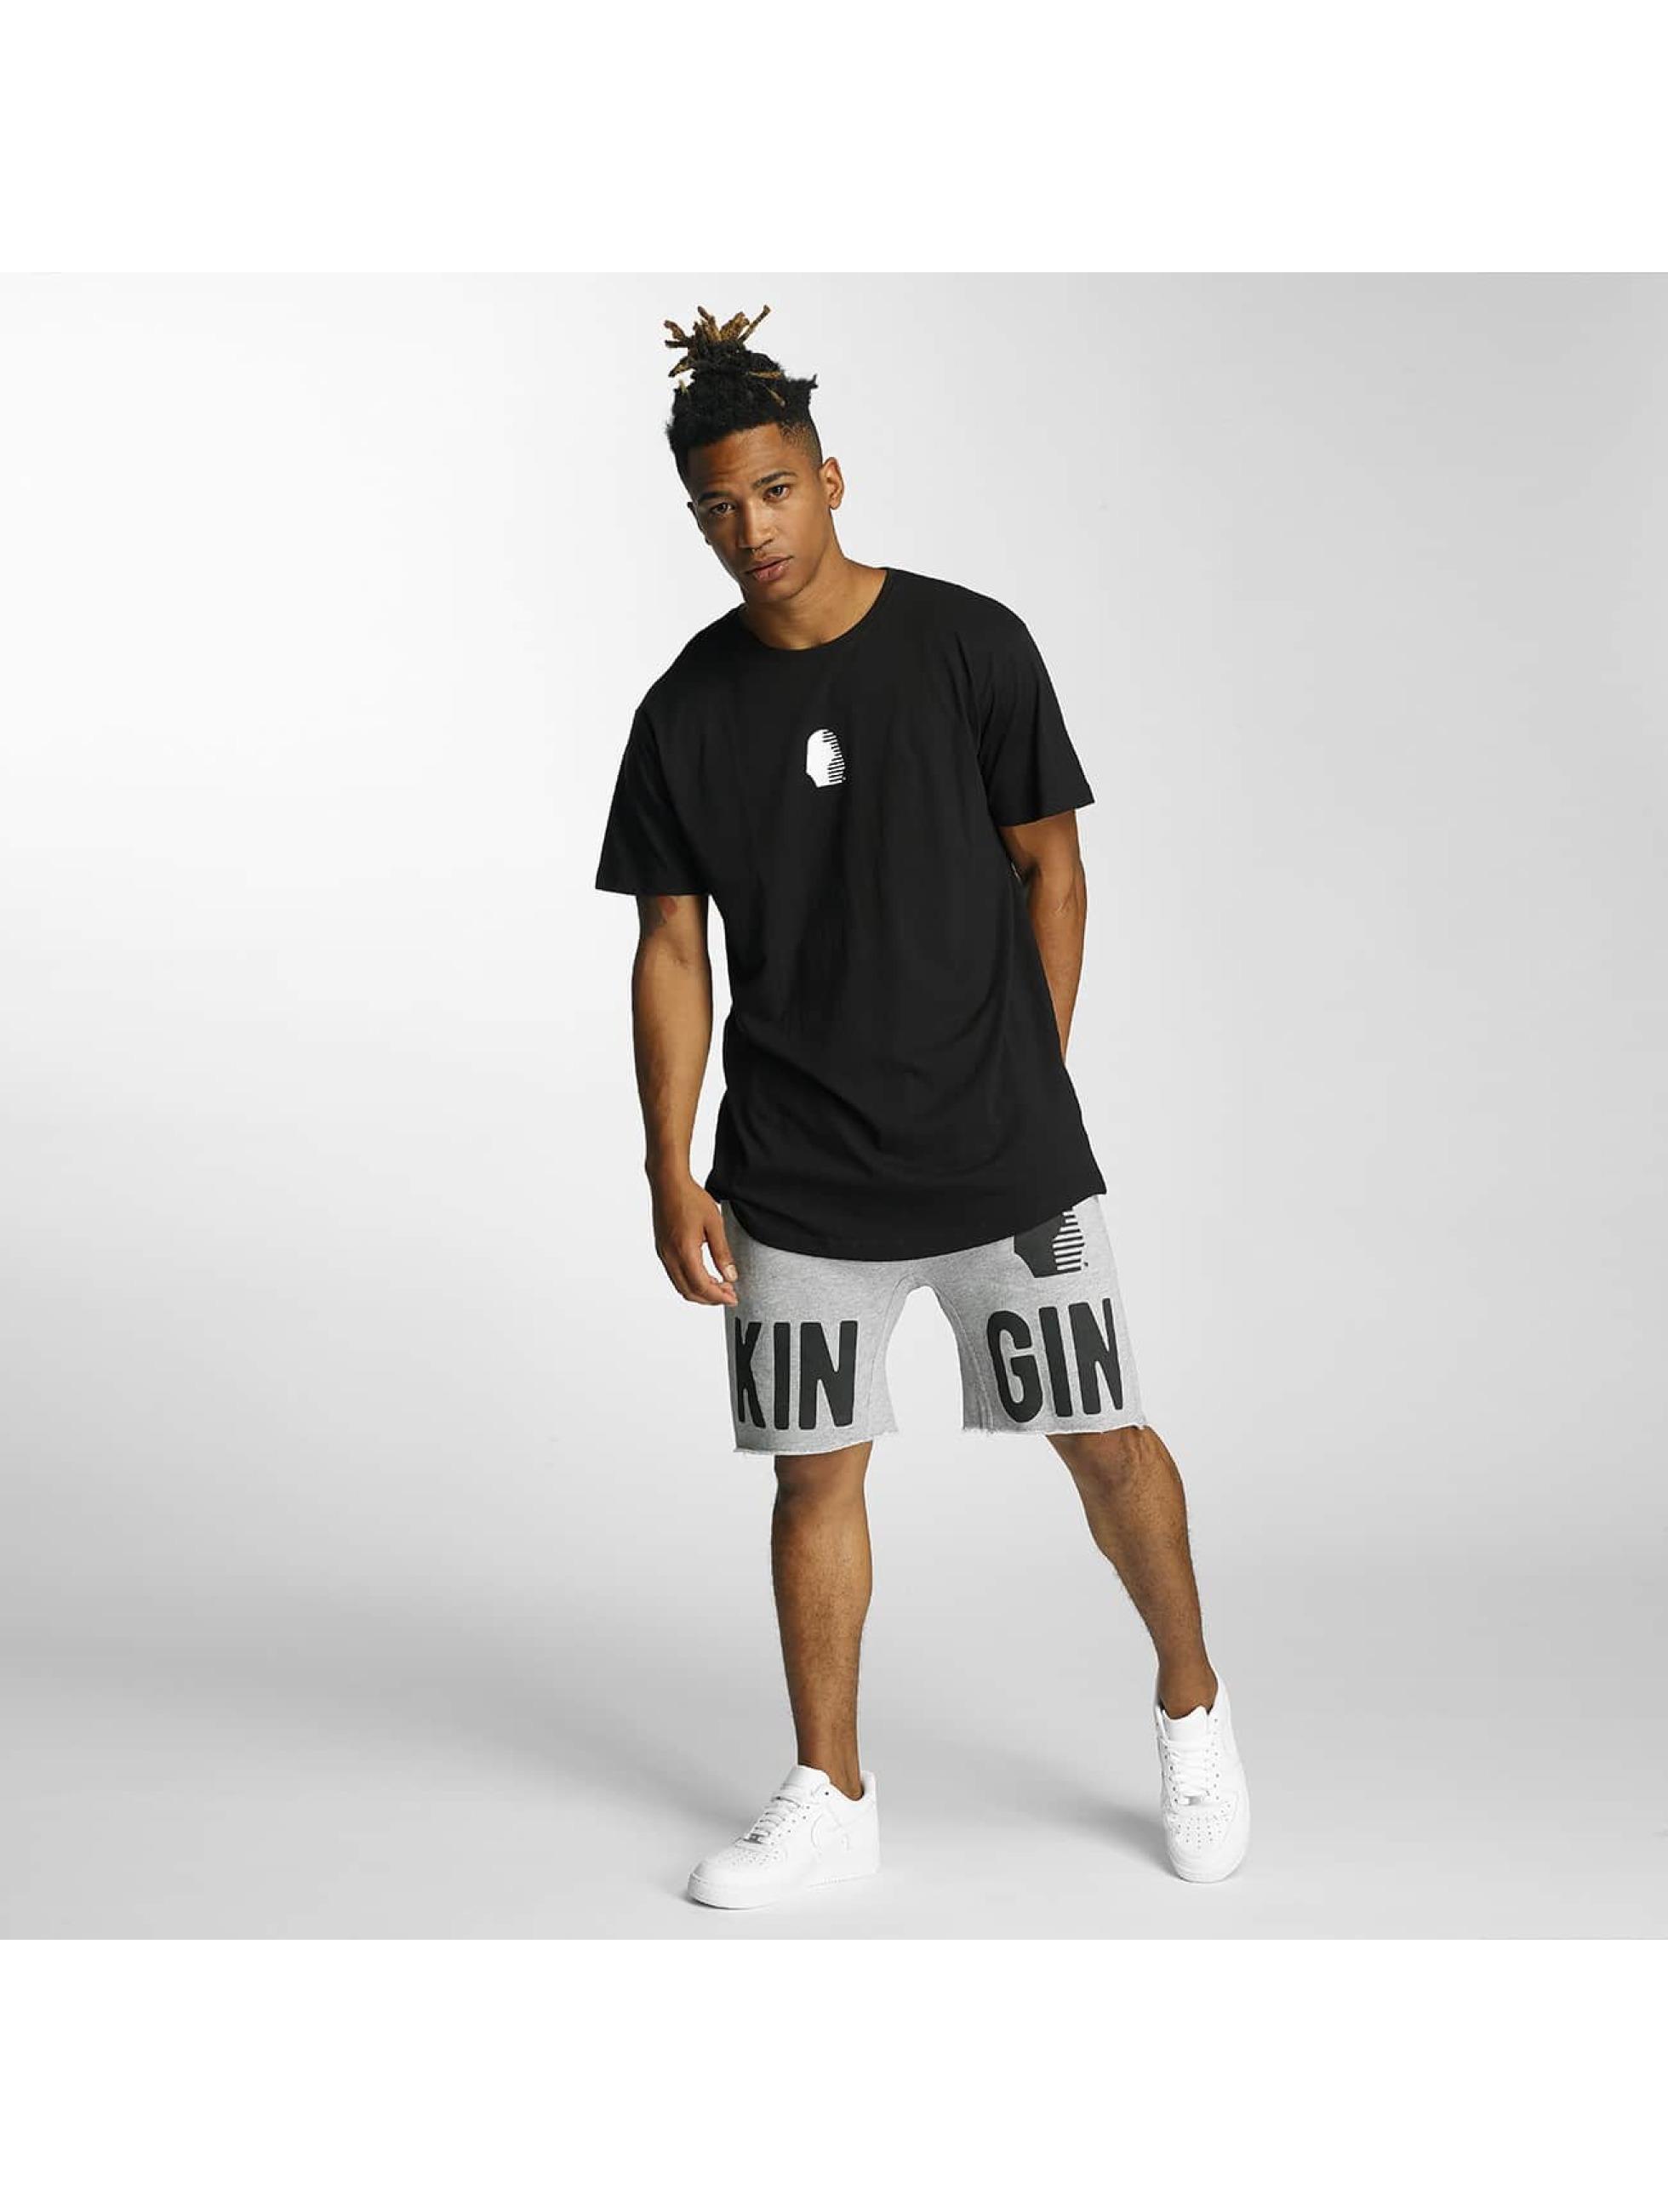 Kingin T-shirt Comp. nero